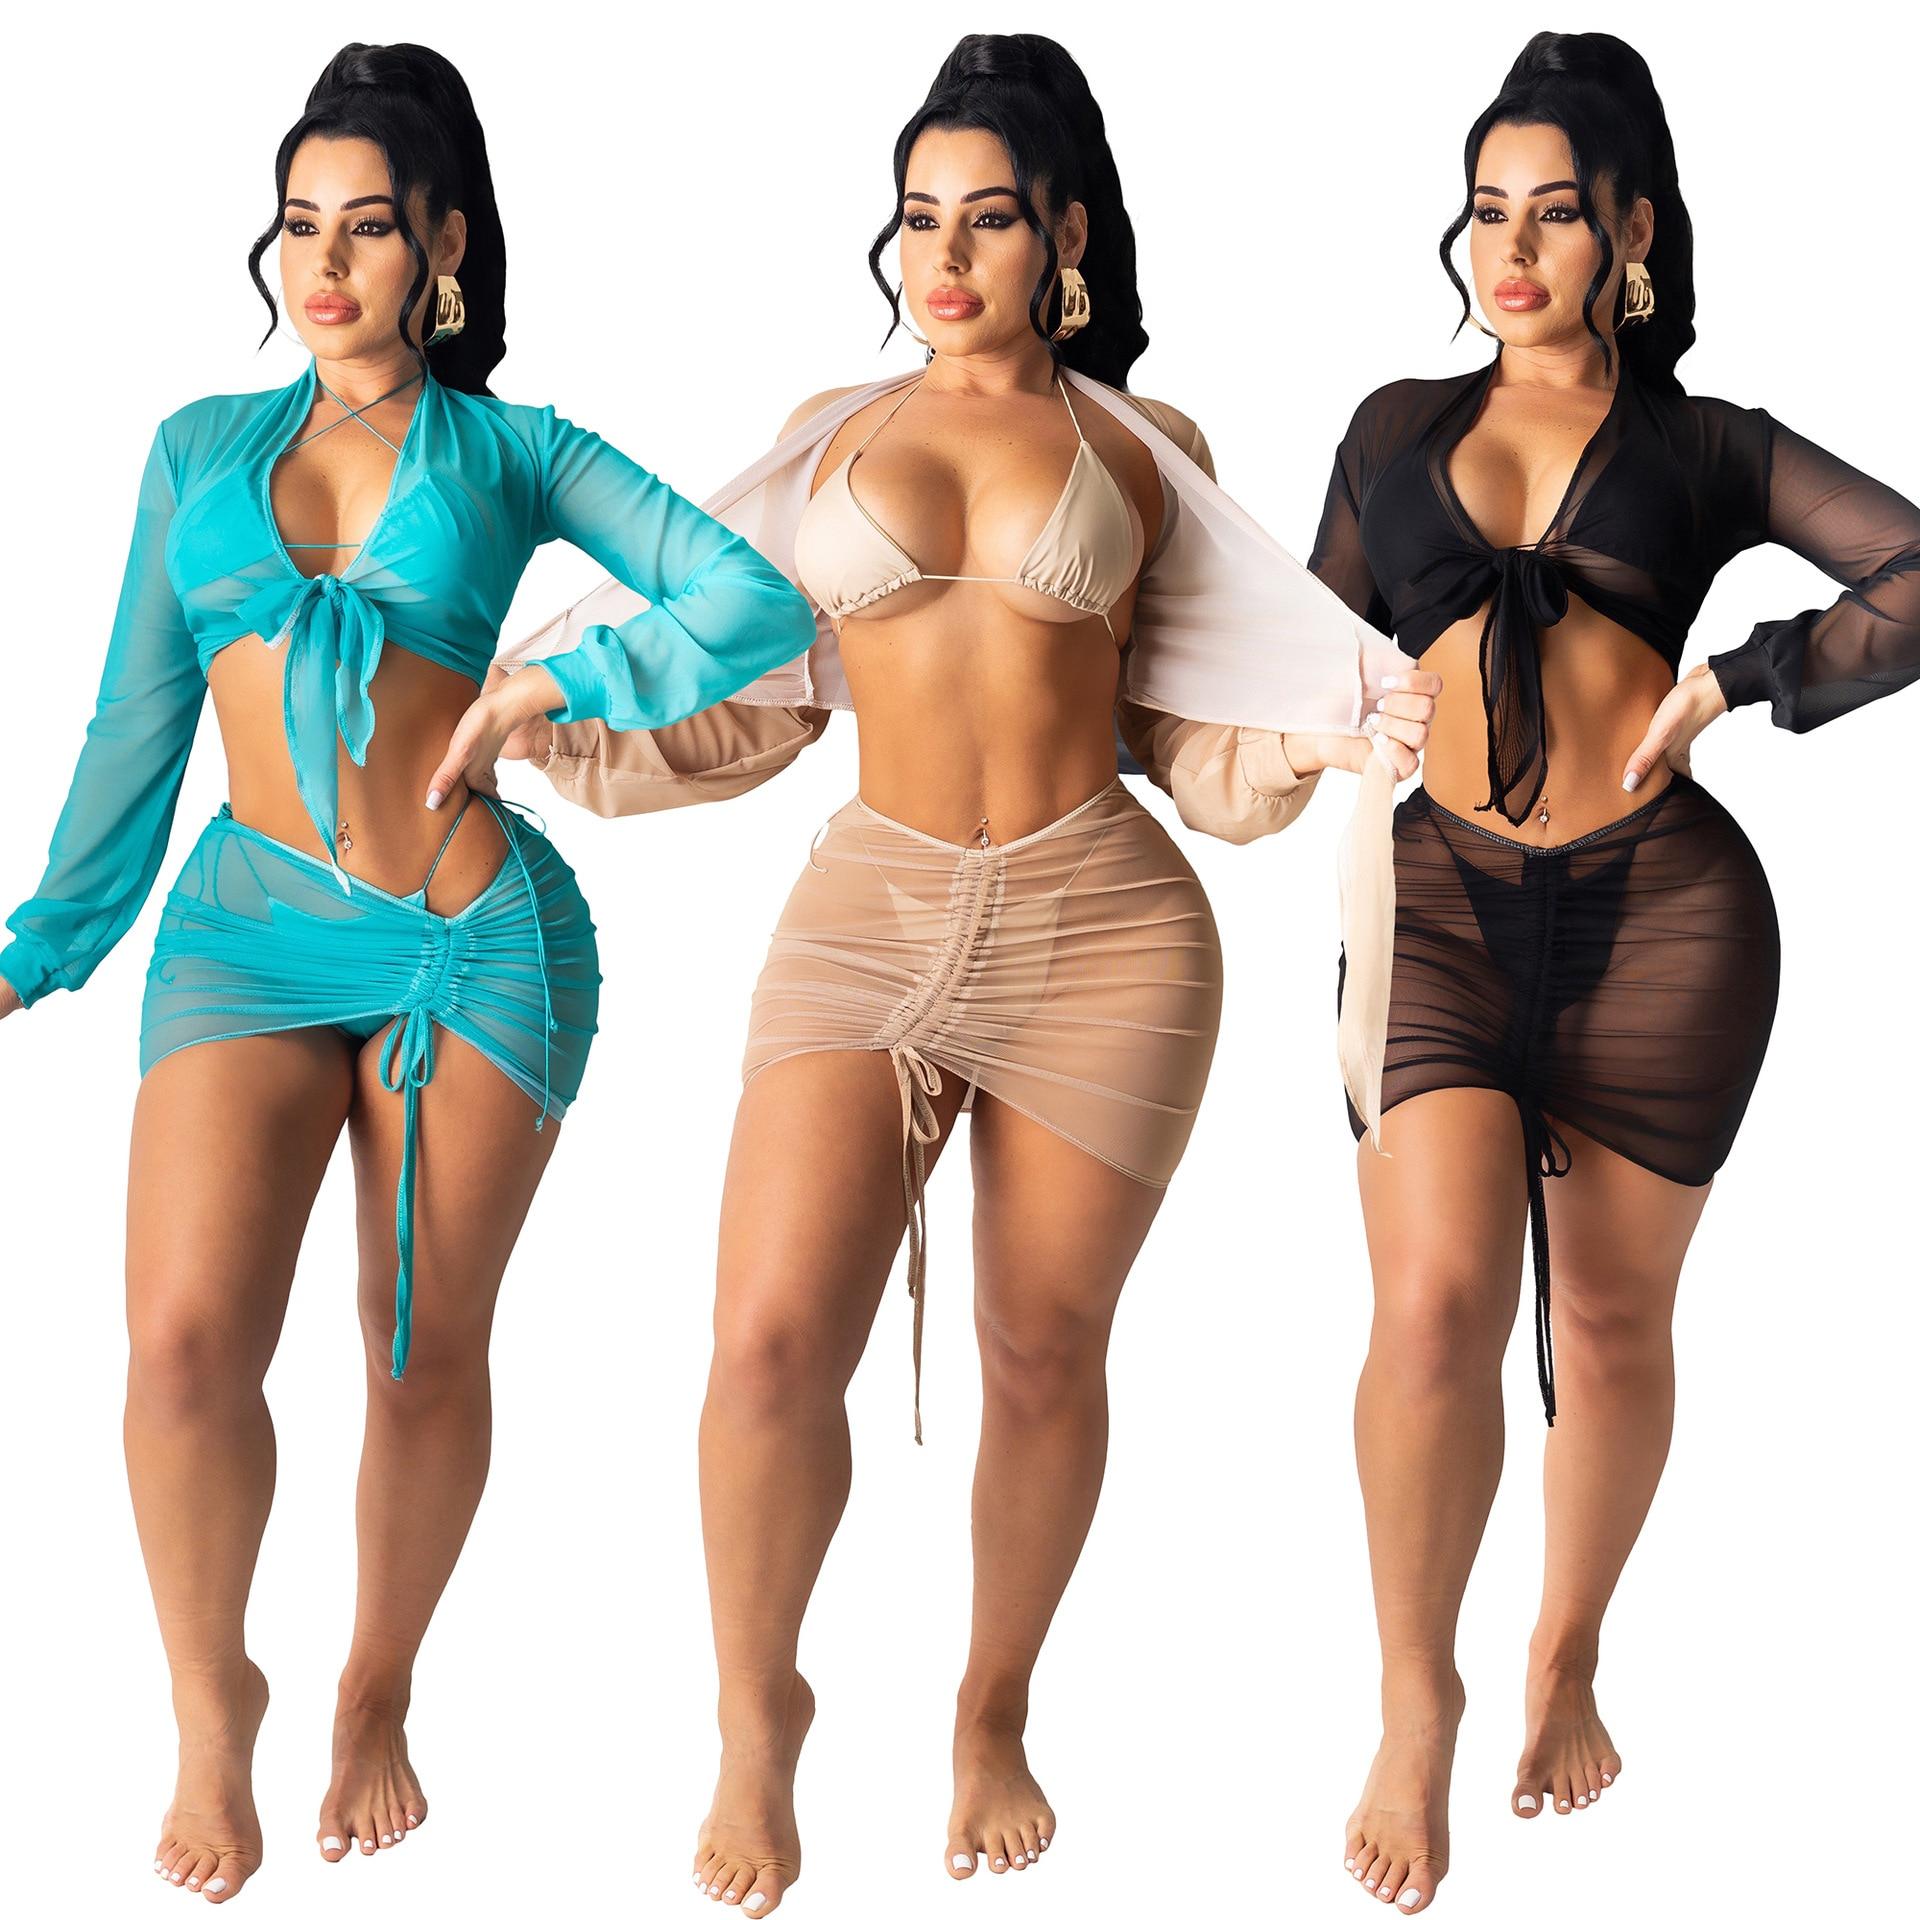 Пляжная накидка Oluolin для женщин, комплект из 2 предметов: футболка и мини-юбка, летний однотонный купальник, купальный костюм с драпировкой, ...